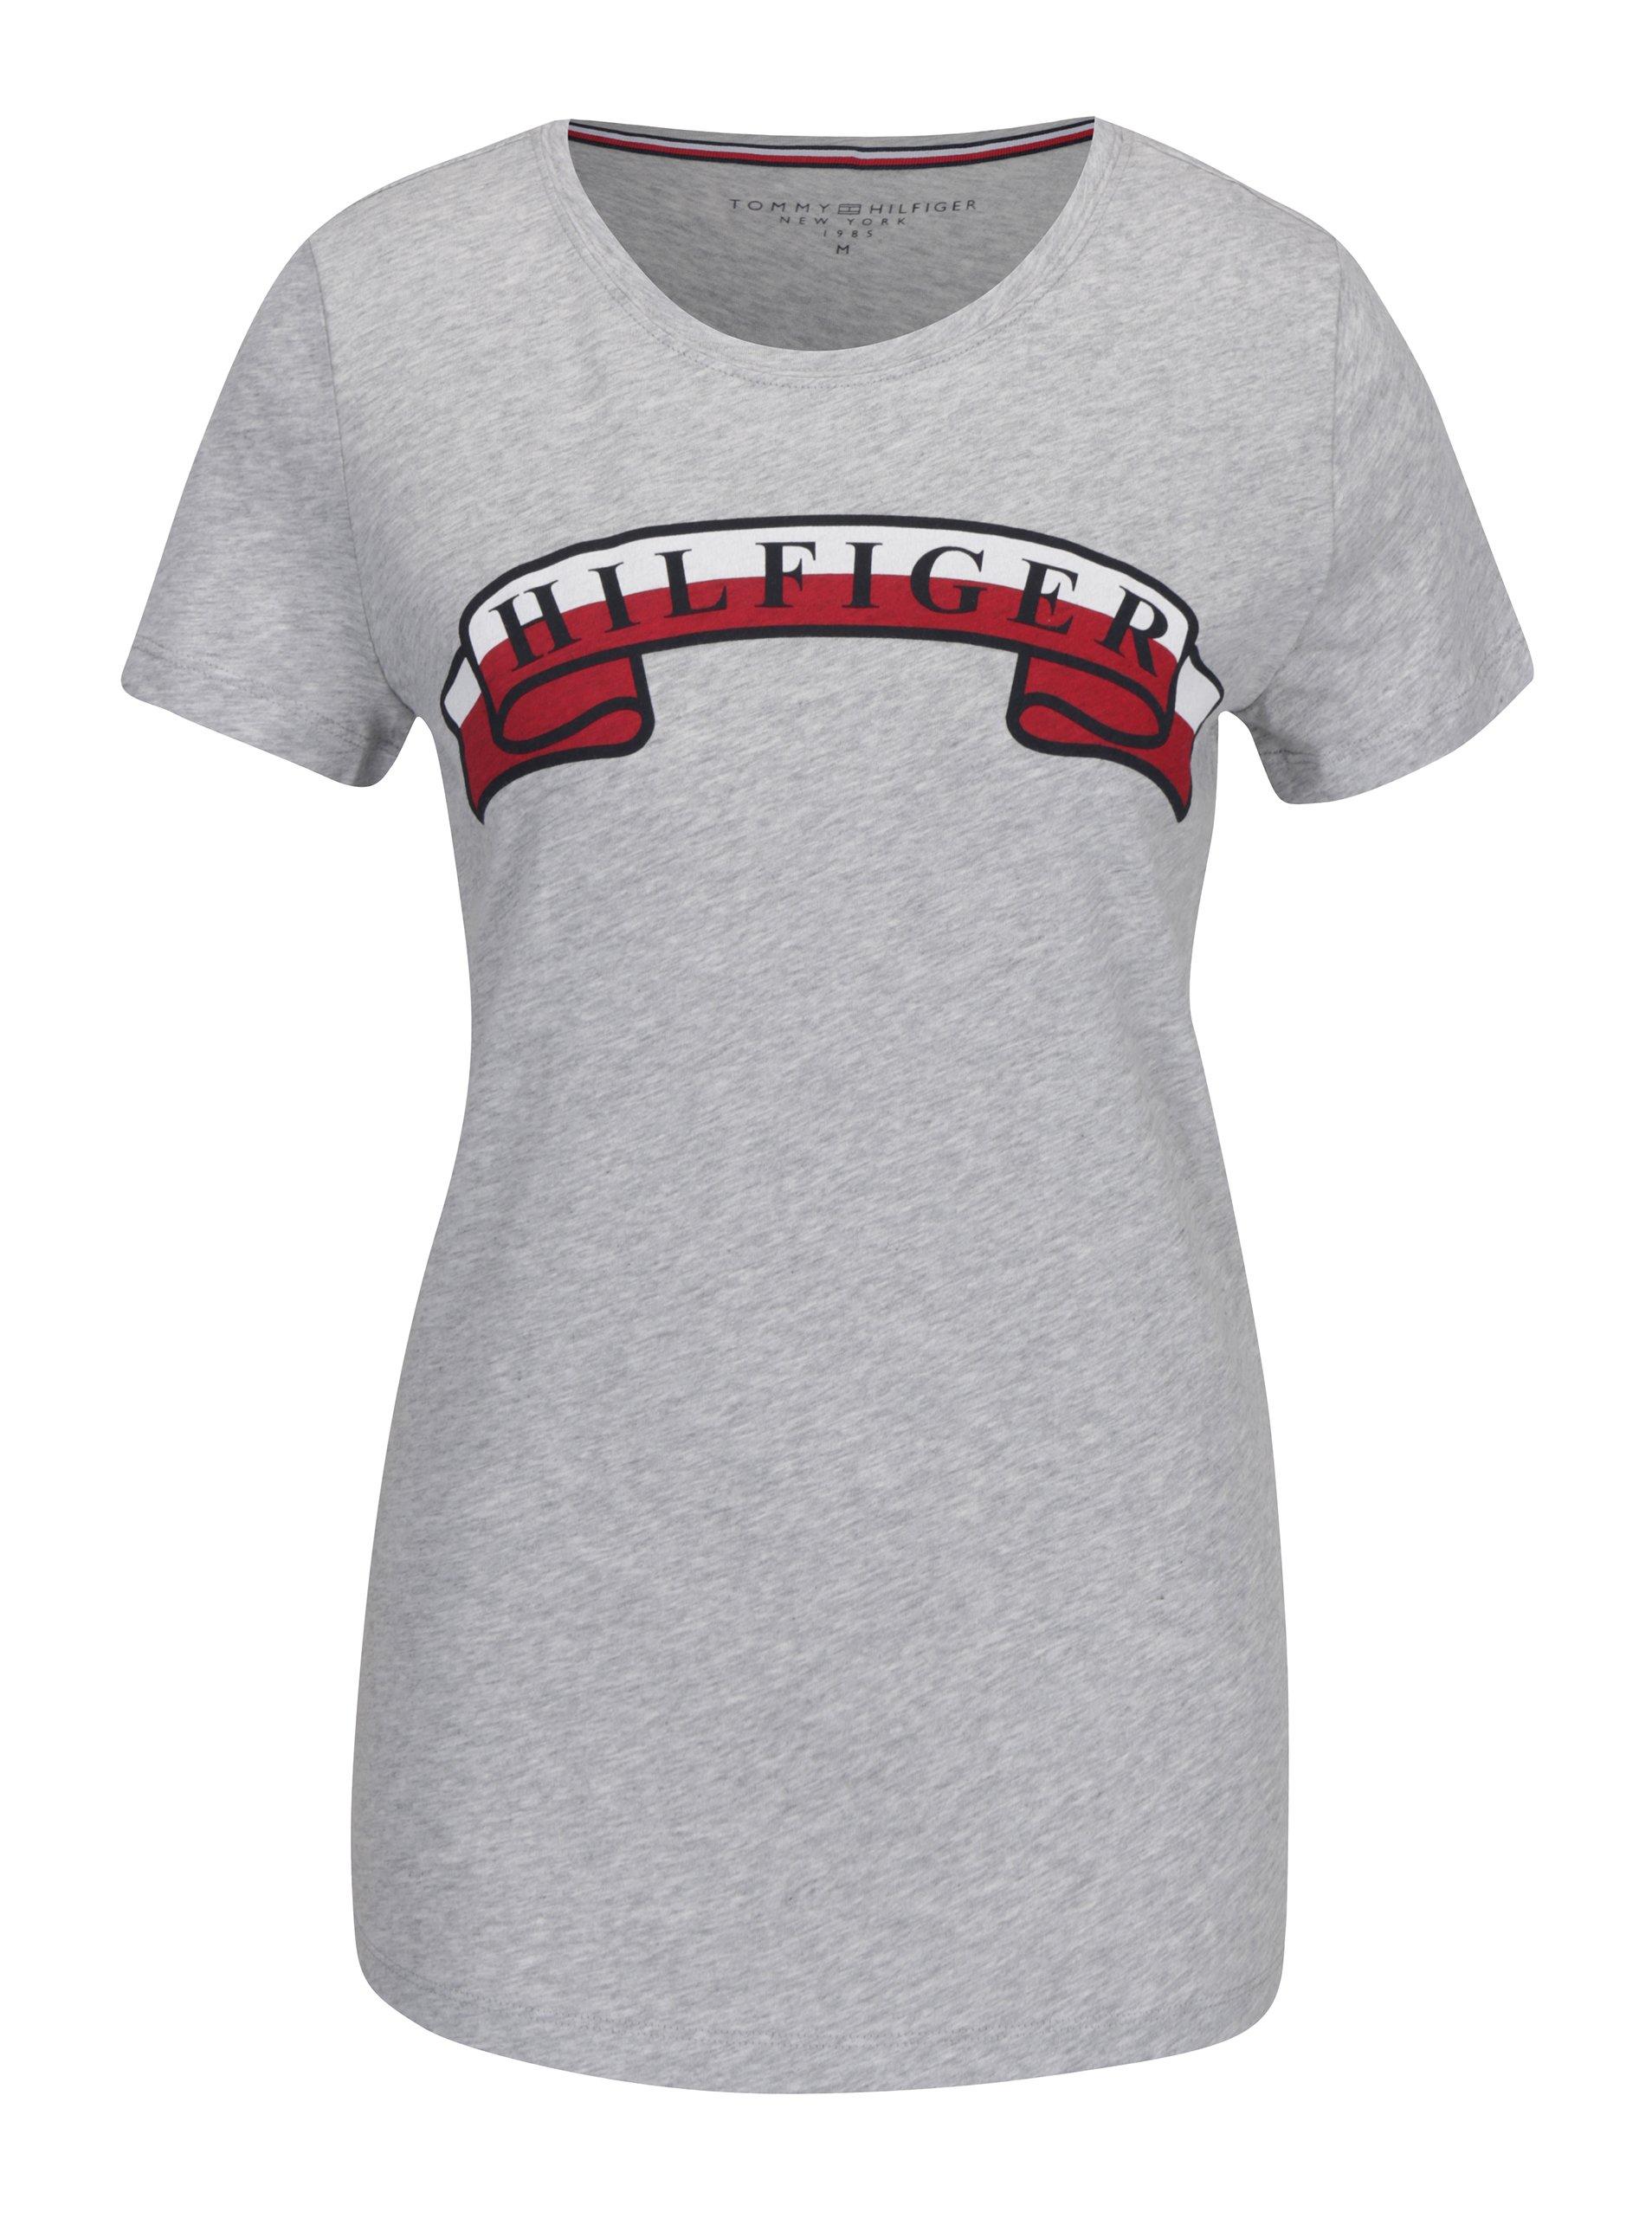 f7d2ead8ce66 Světle šedé žíhané dámské tričko s potiskem Tommy Hilfiger